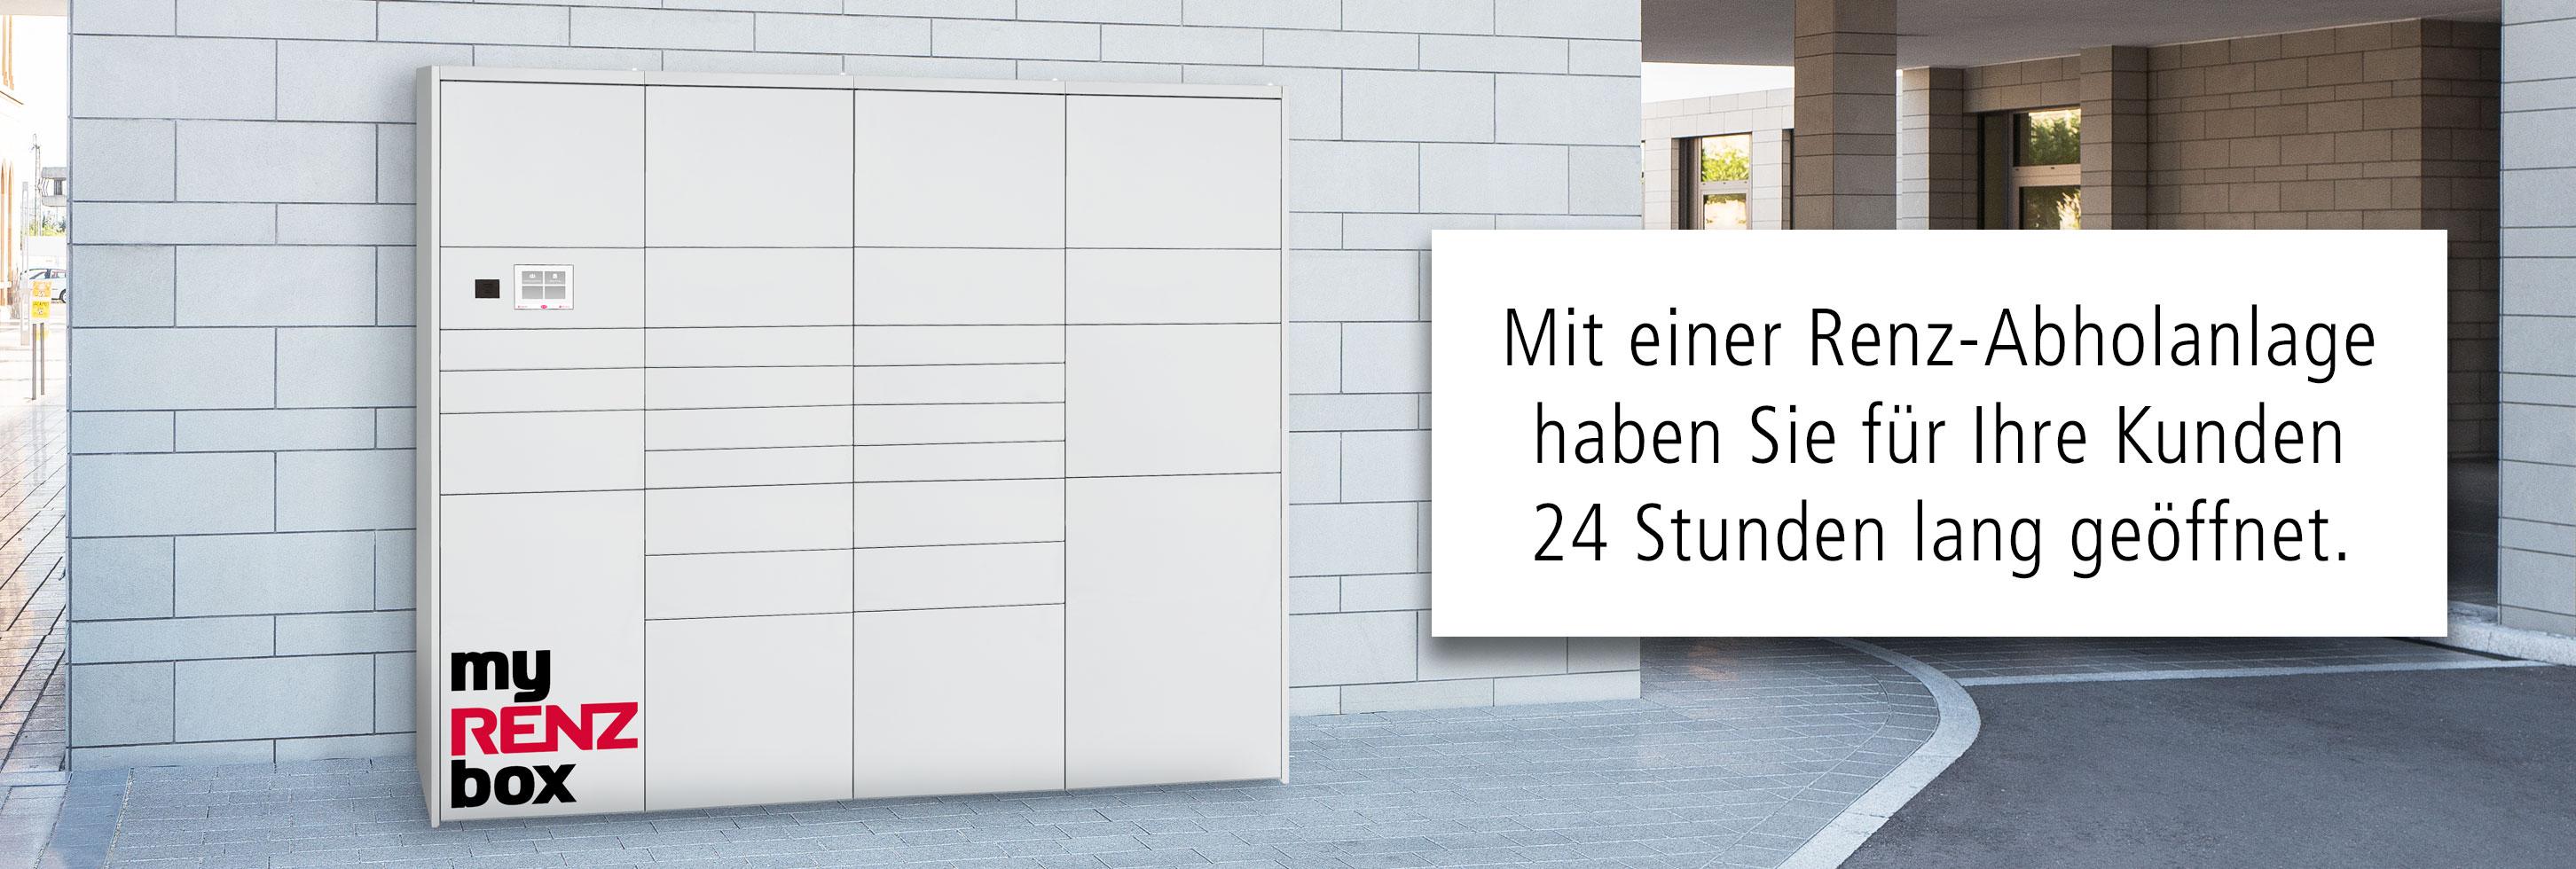 2016-08-teaser-abholanlage Erstaunlich Briefkasten Weiß Mit Zeitungsrolle Dekorationen